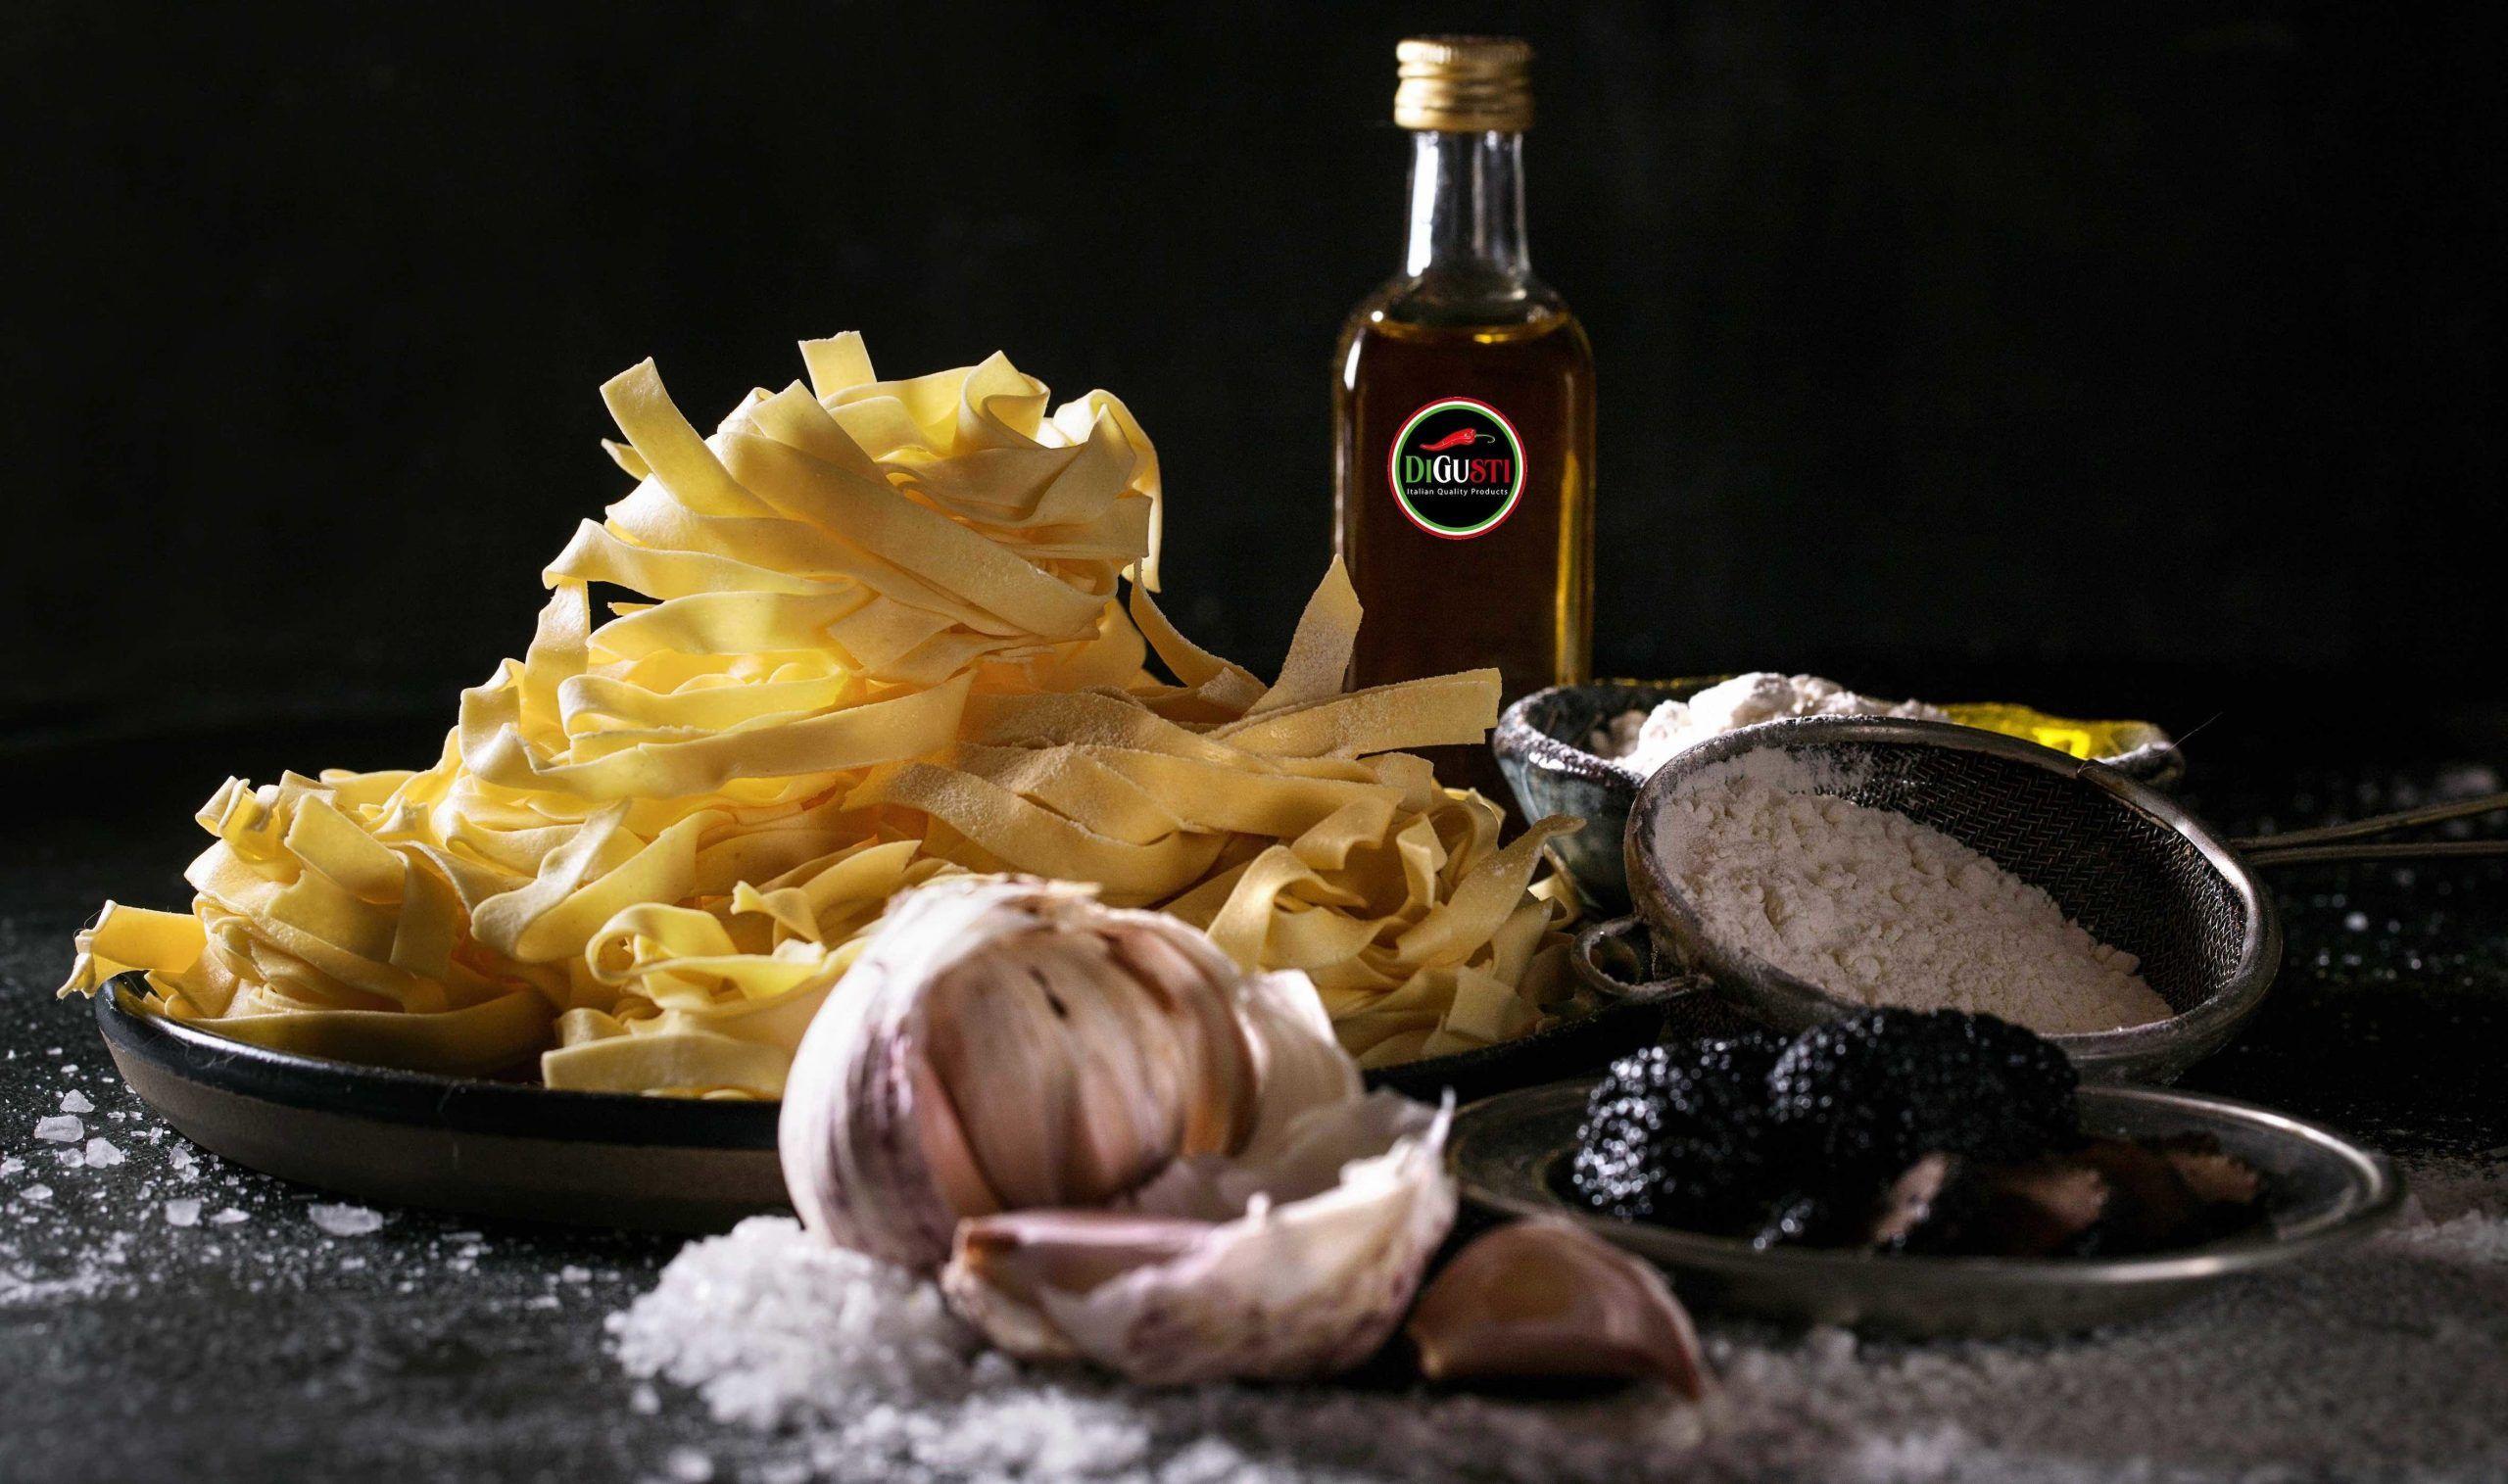 Italiaanse Delicatessen proef je bij Digusti tijdens Exclusive Spring Fair